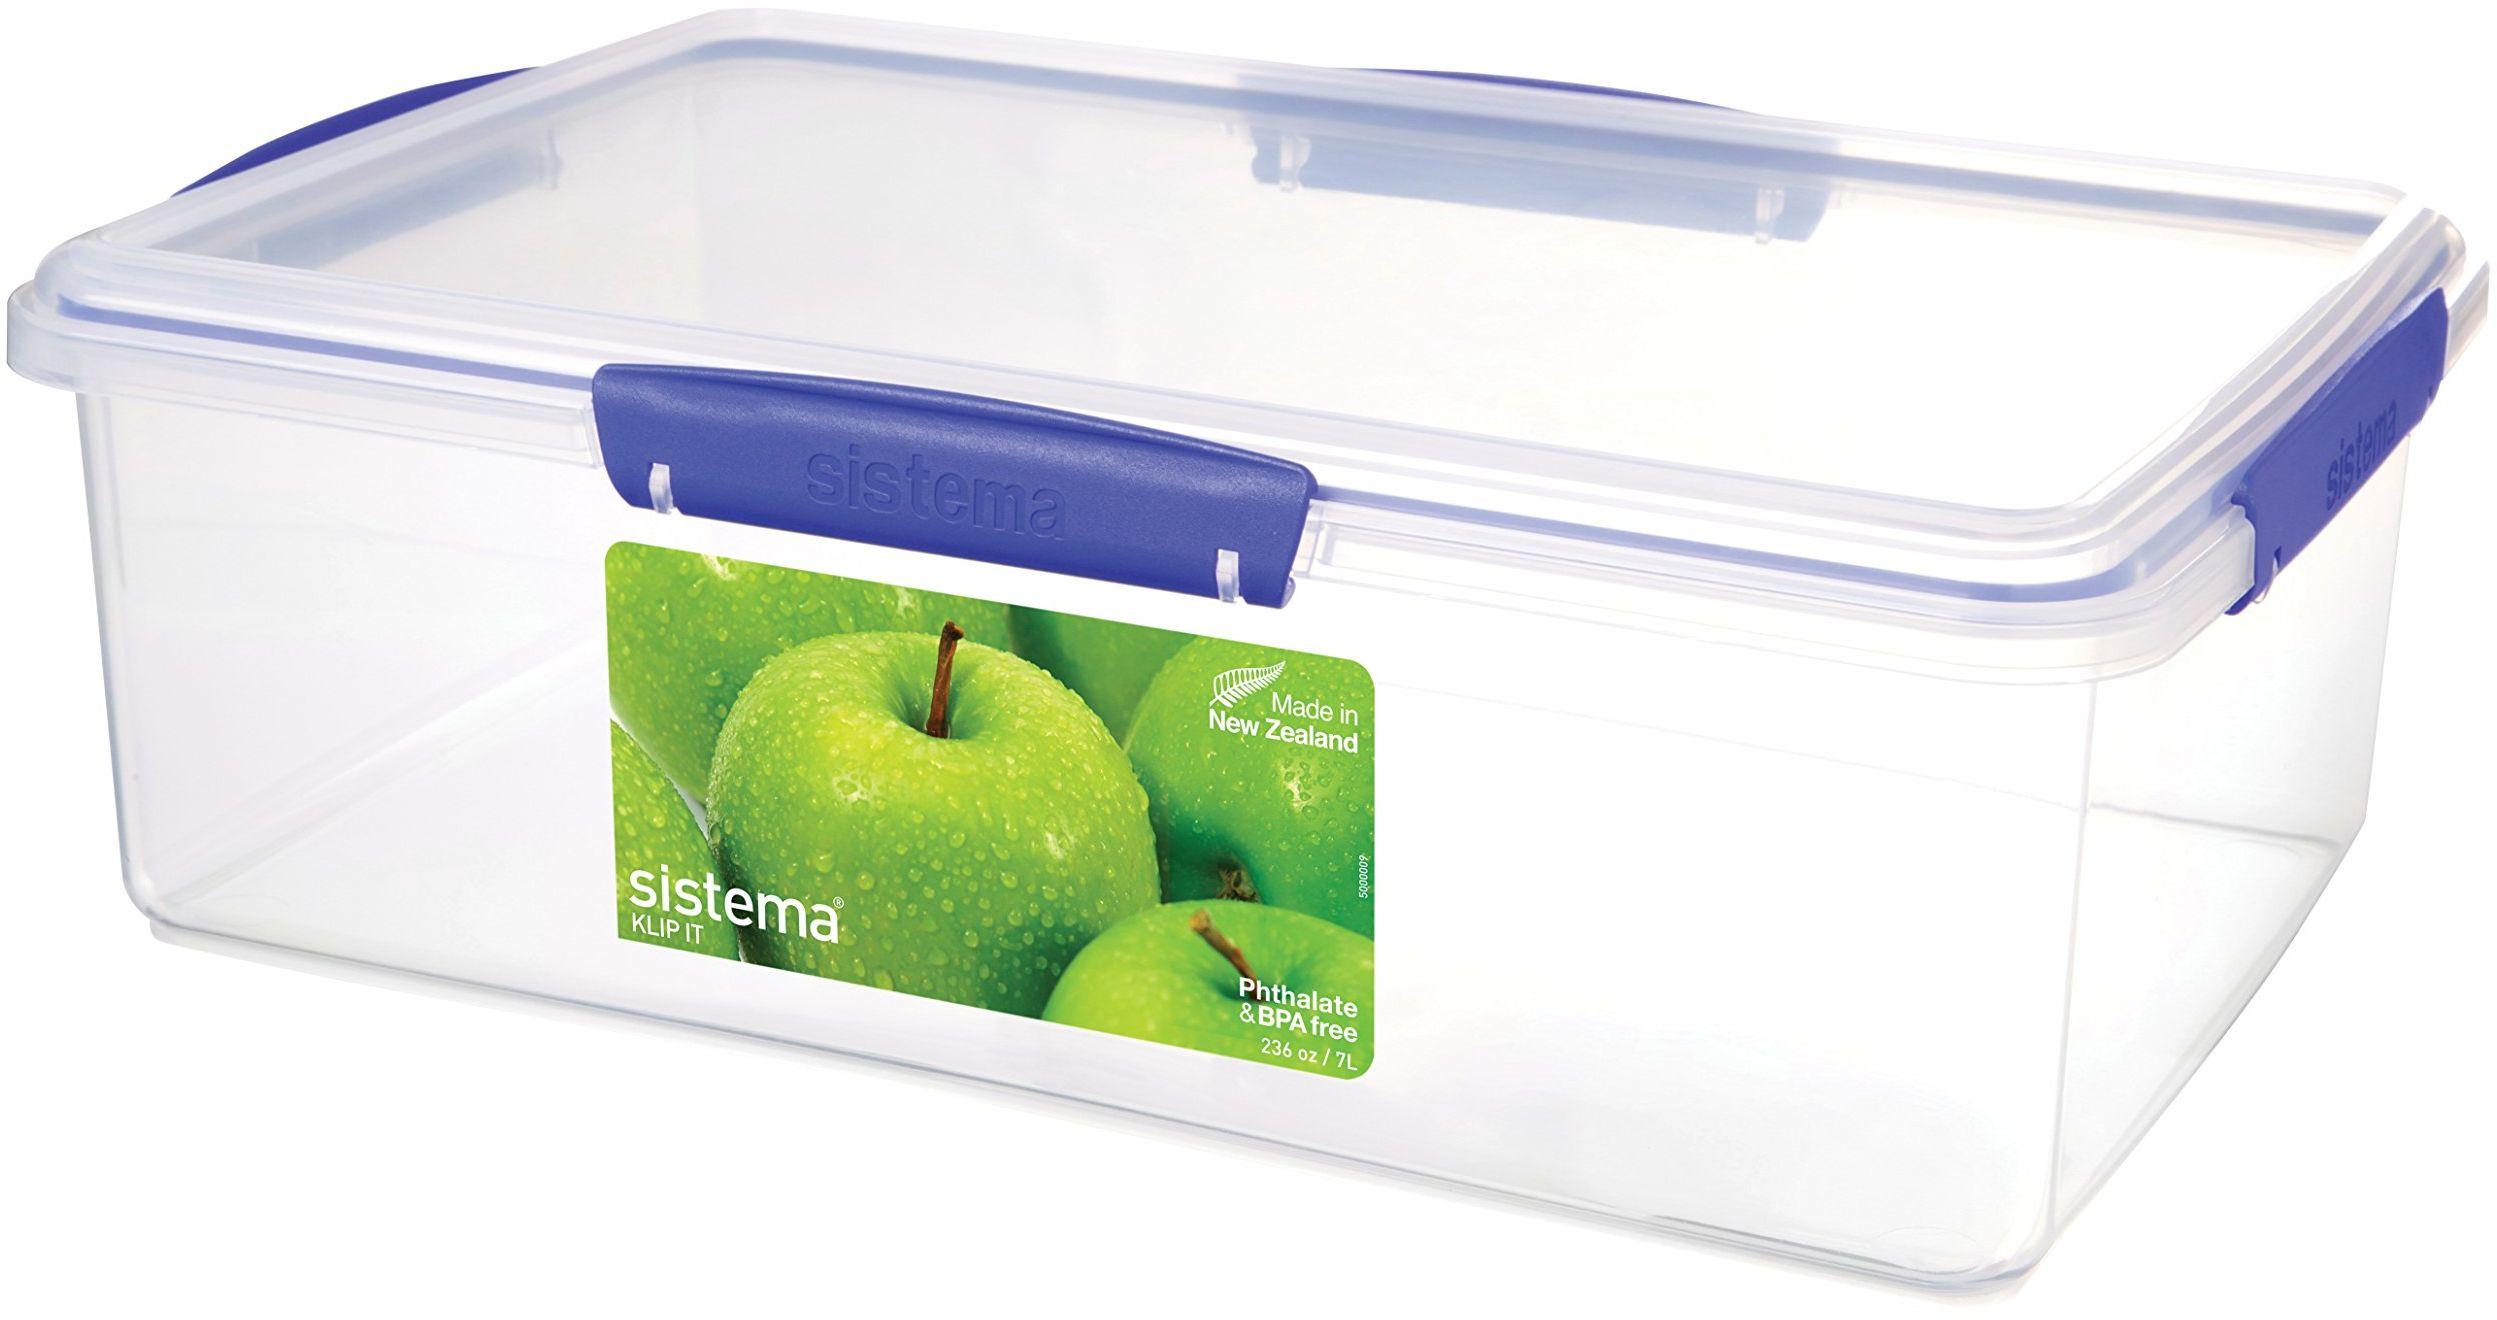 Sistema KLIP IT pojemnik do przechowywania żywności, niebieskie klipsy, 7 litrów